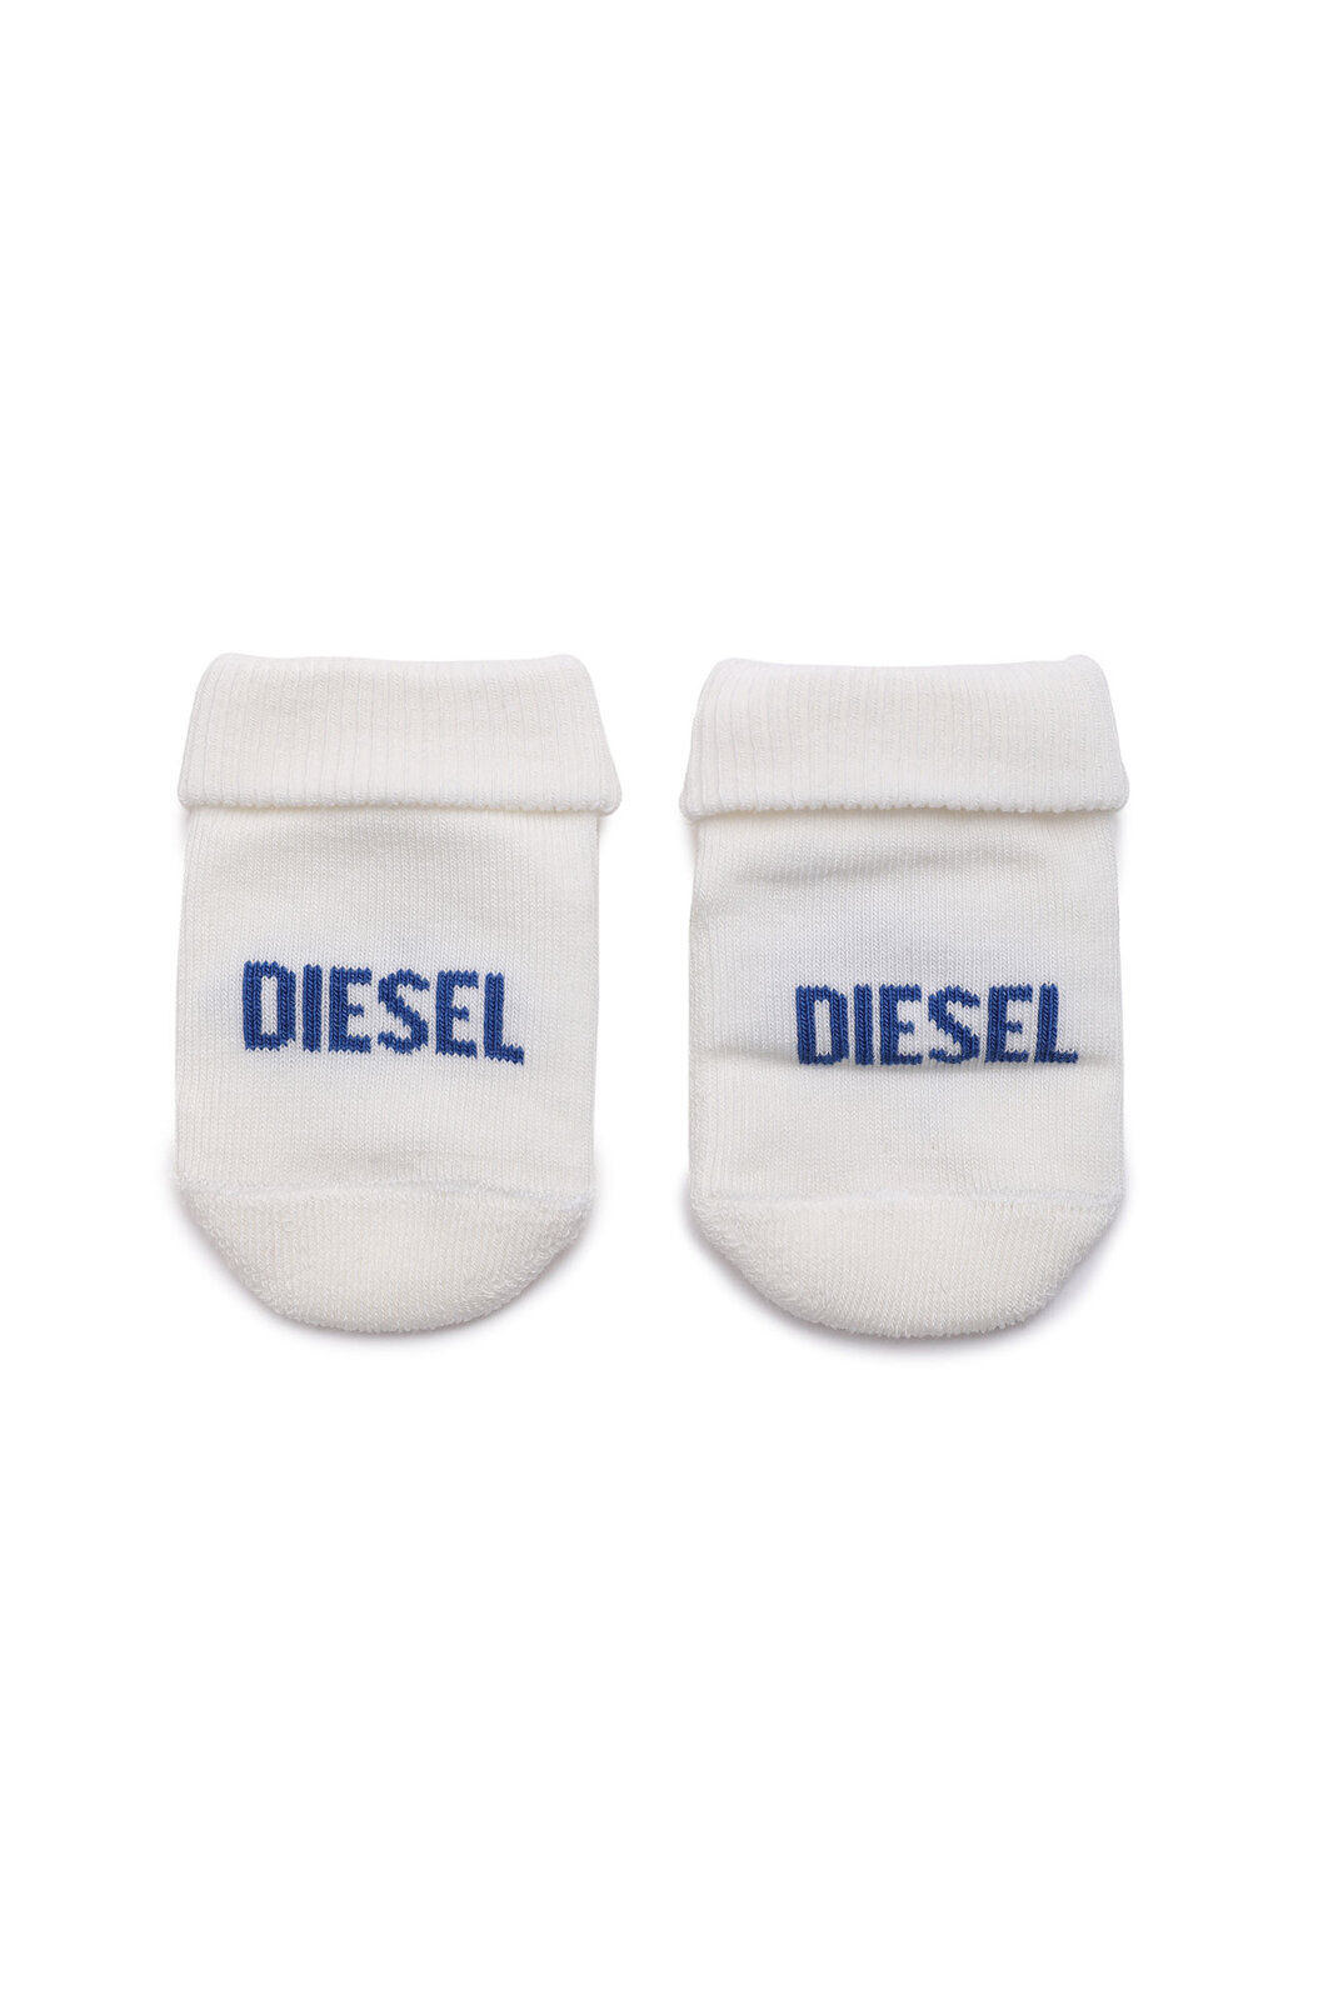 Zebet-Nb Calzino - Diesel Kid